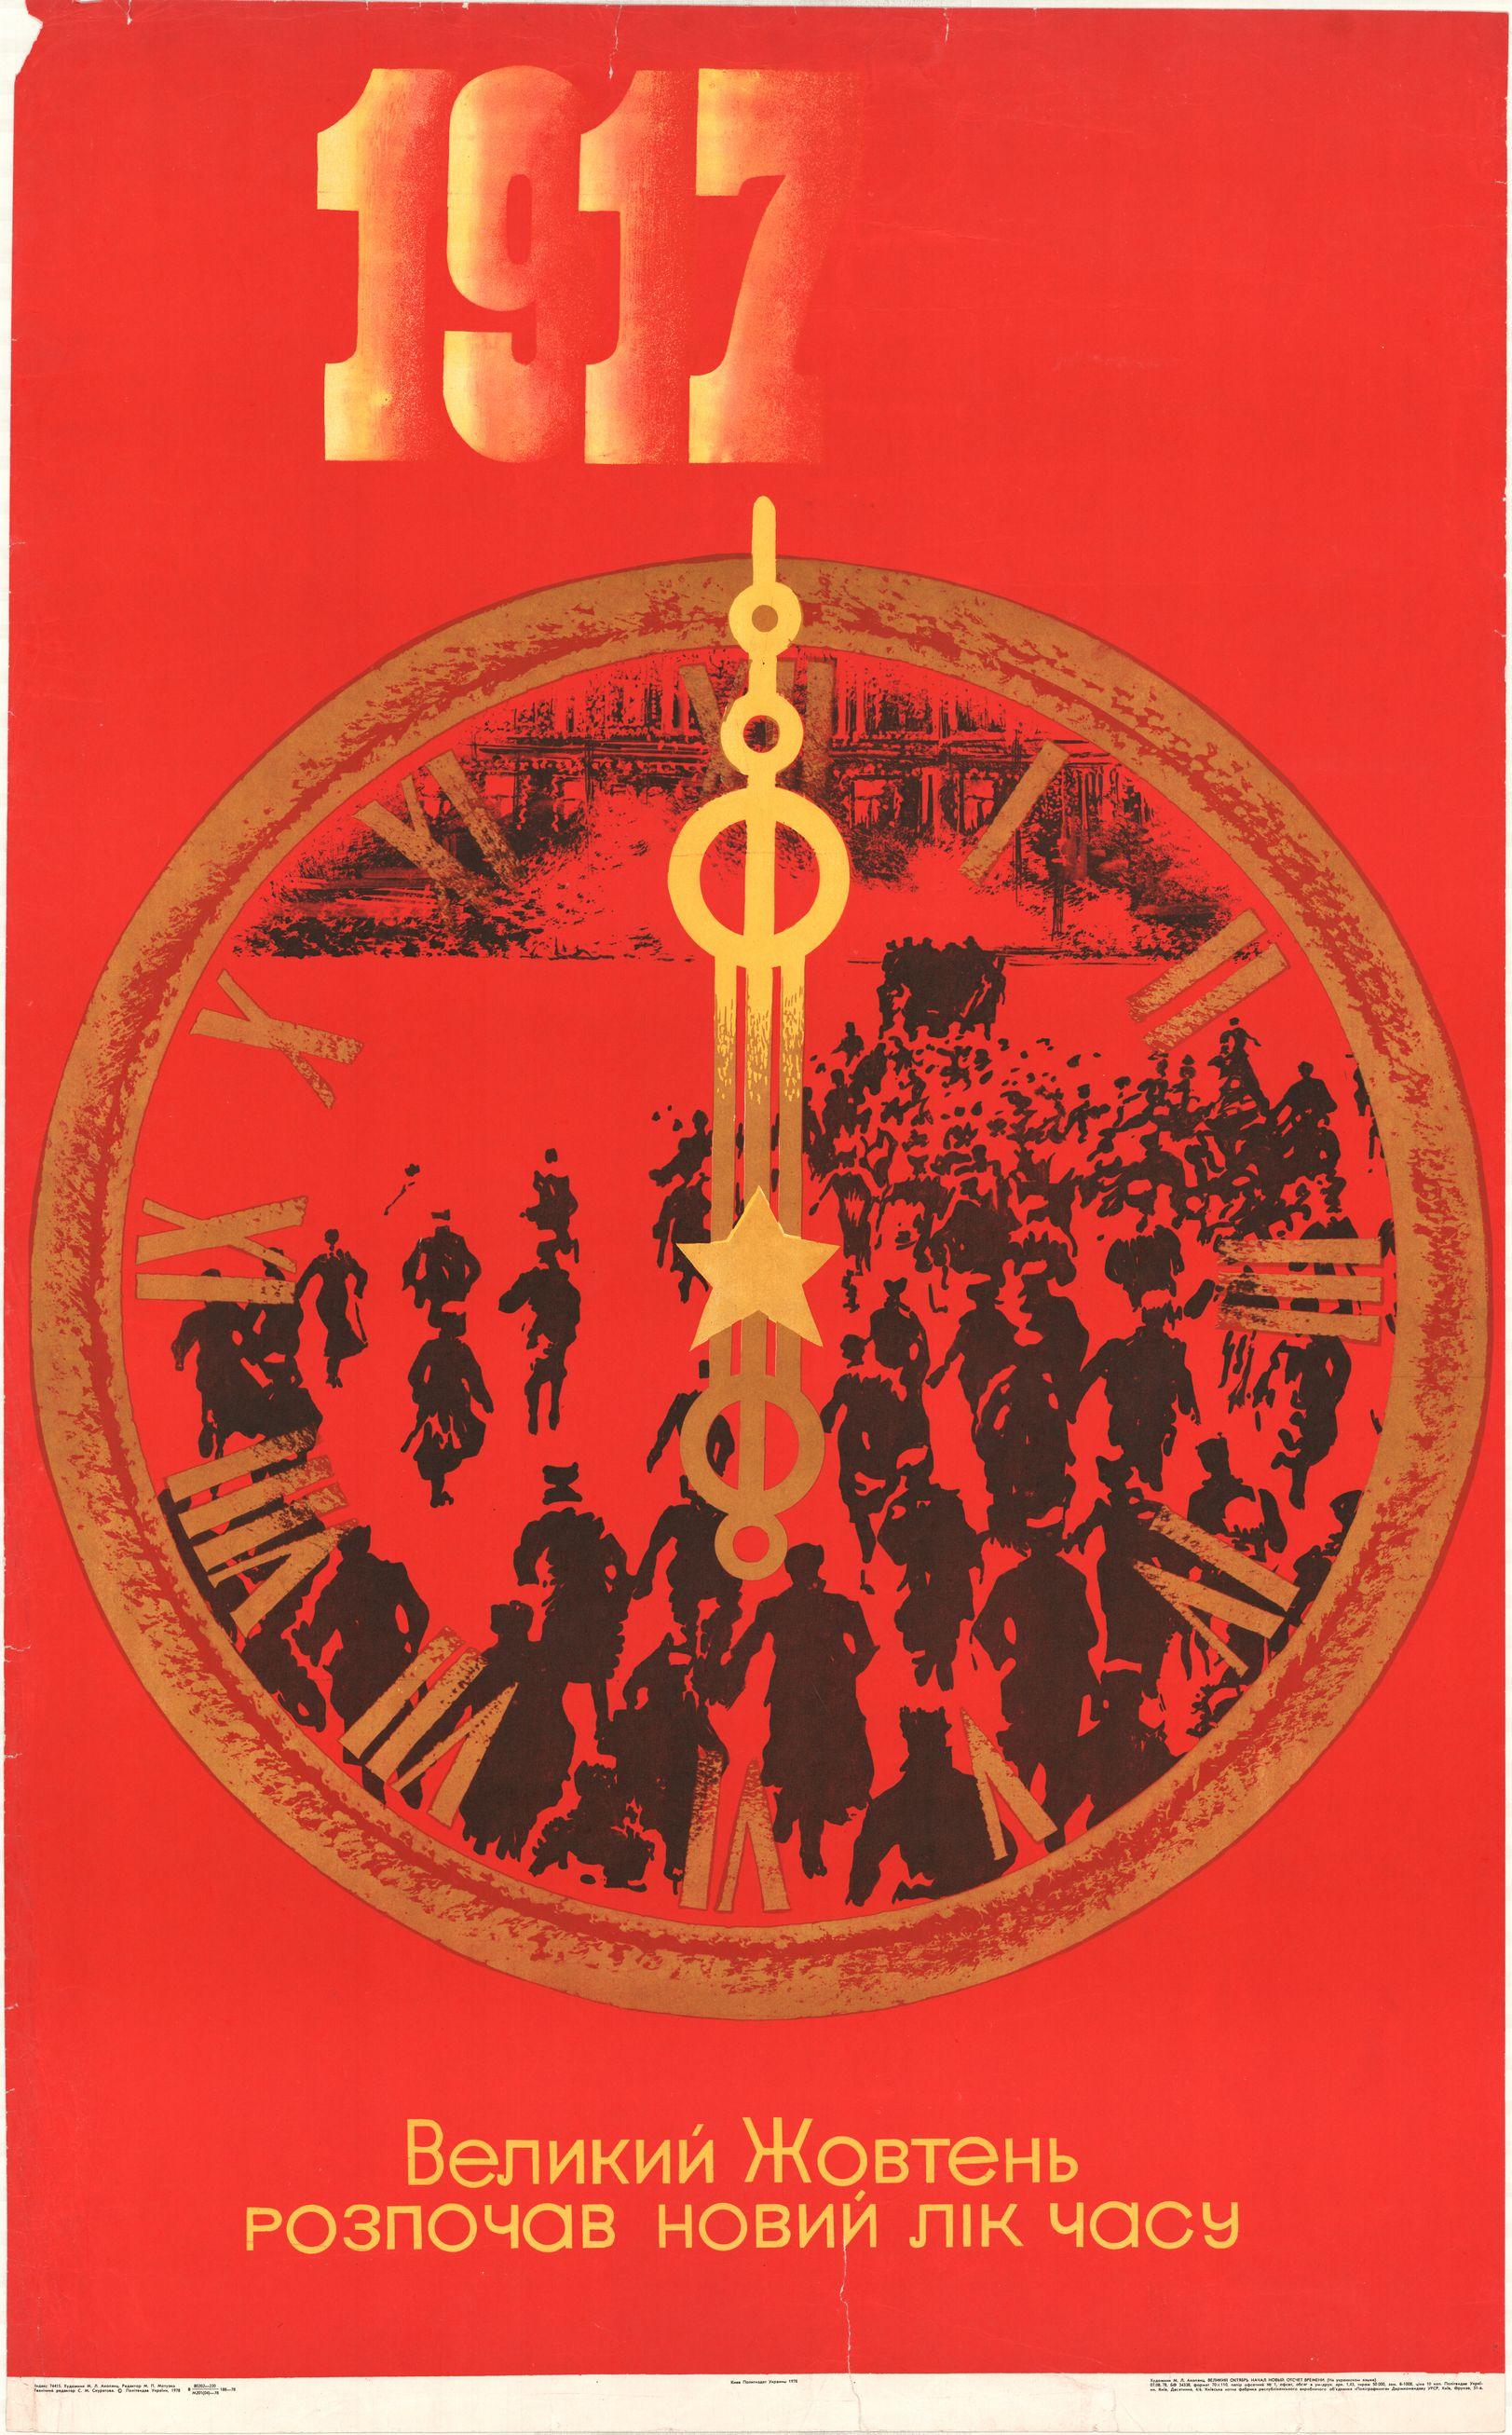 """Плакат """"Великий Жовтень розпочав новий лік часу"""""""